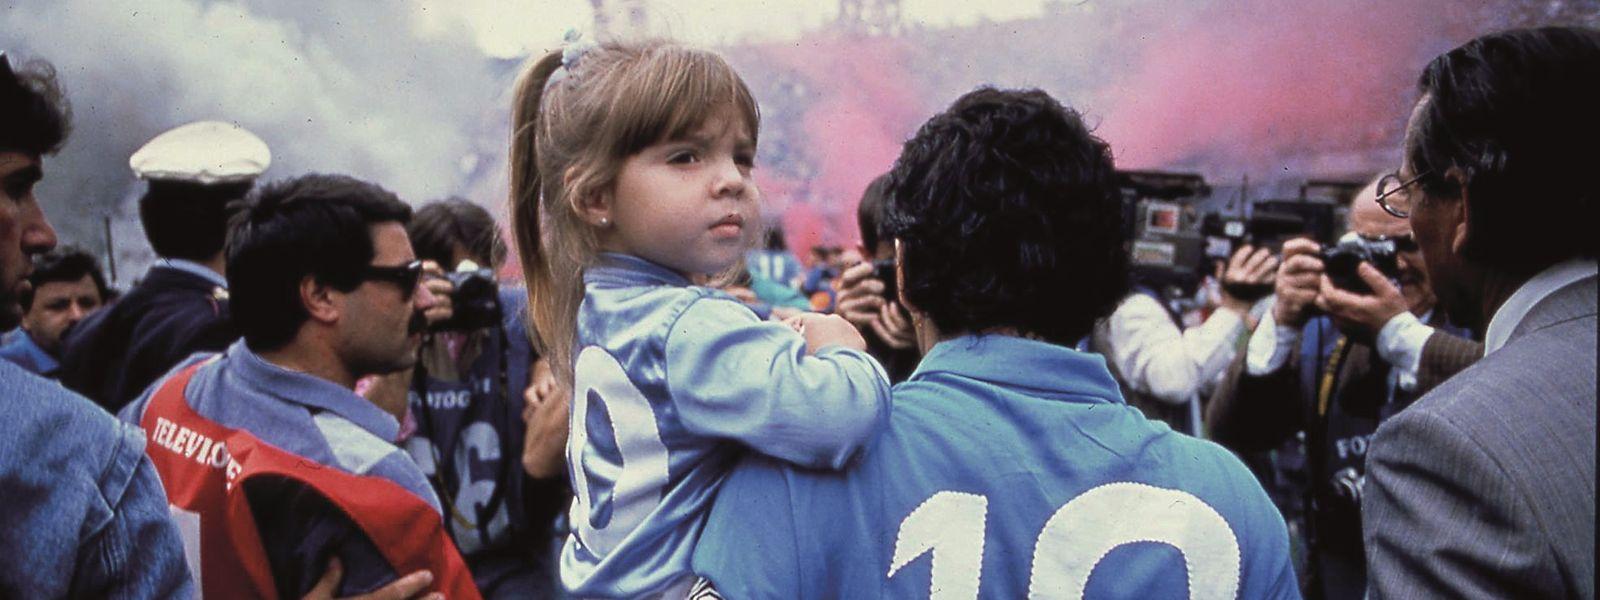 Beim SCC Neapel stieg die Nummer 10, Diego Maradona, zum Fußballgott auf - und fiel tief.